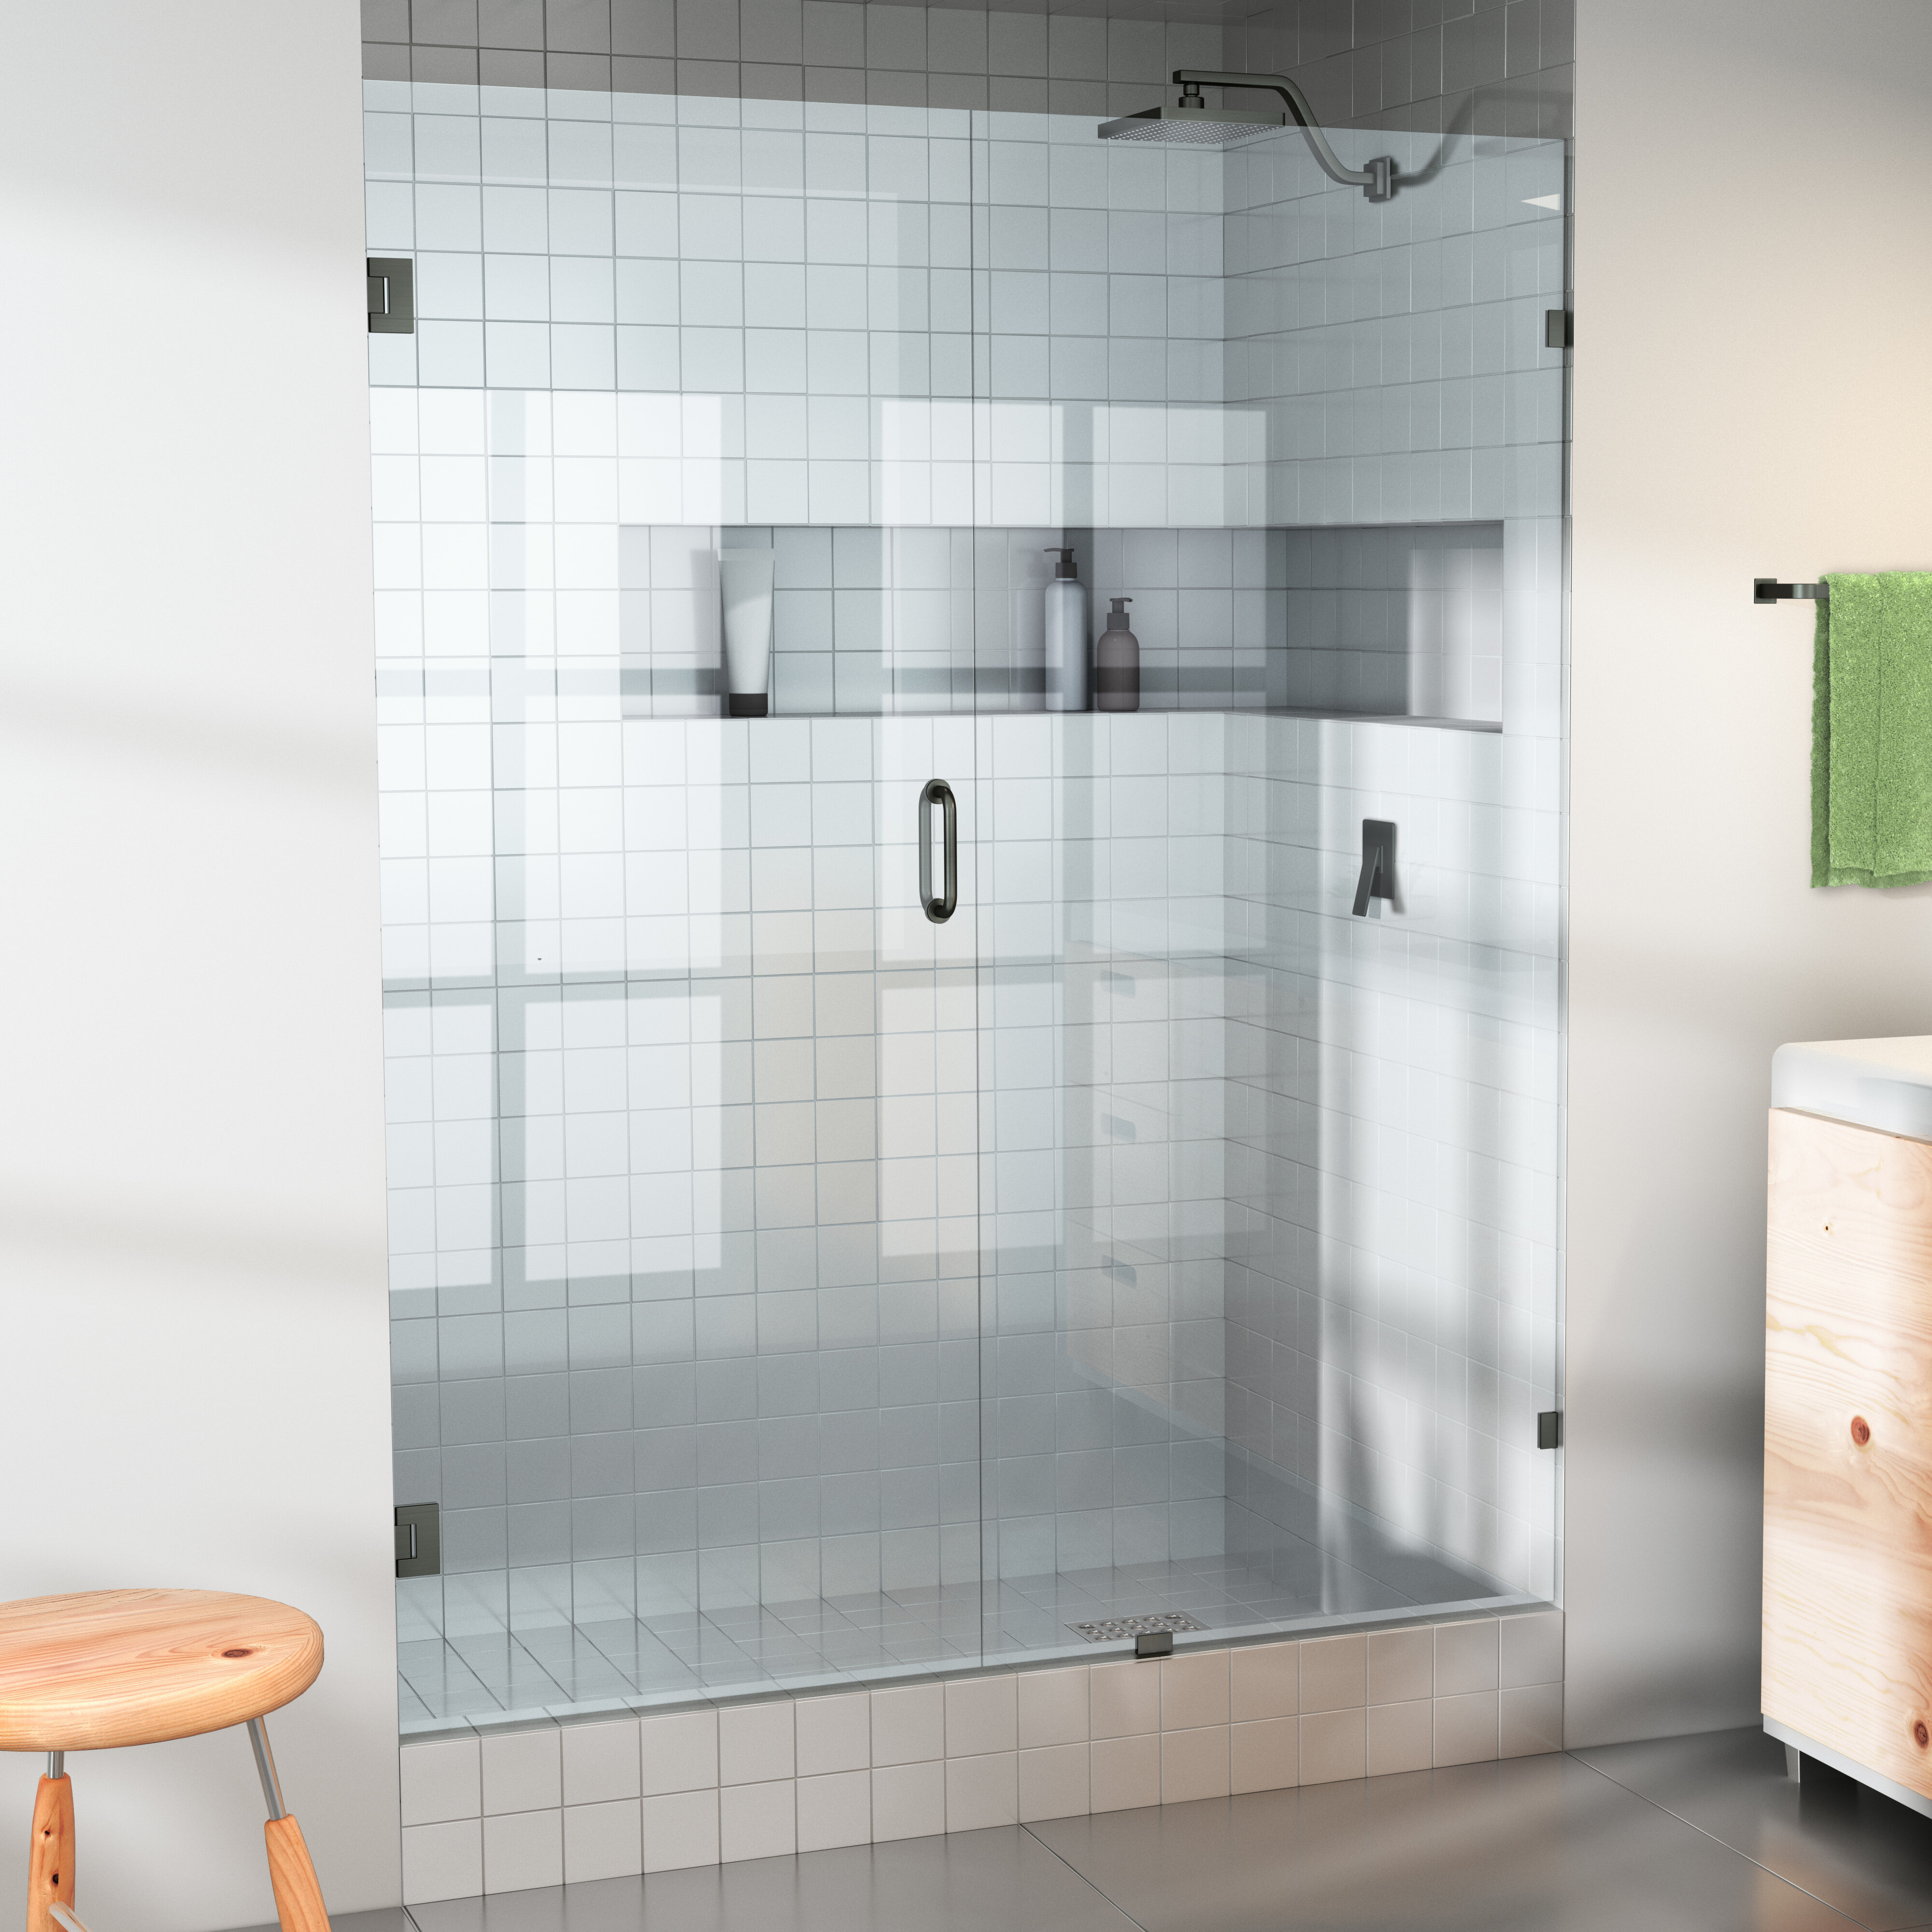 32 X 78 Hinged Frameless Shower Door